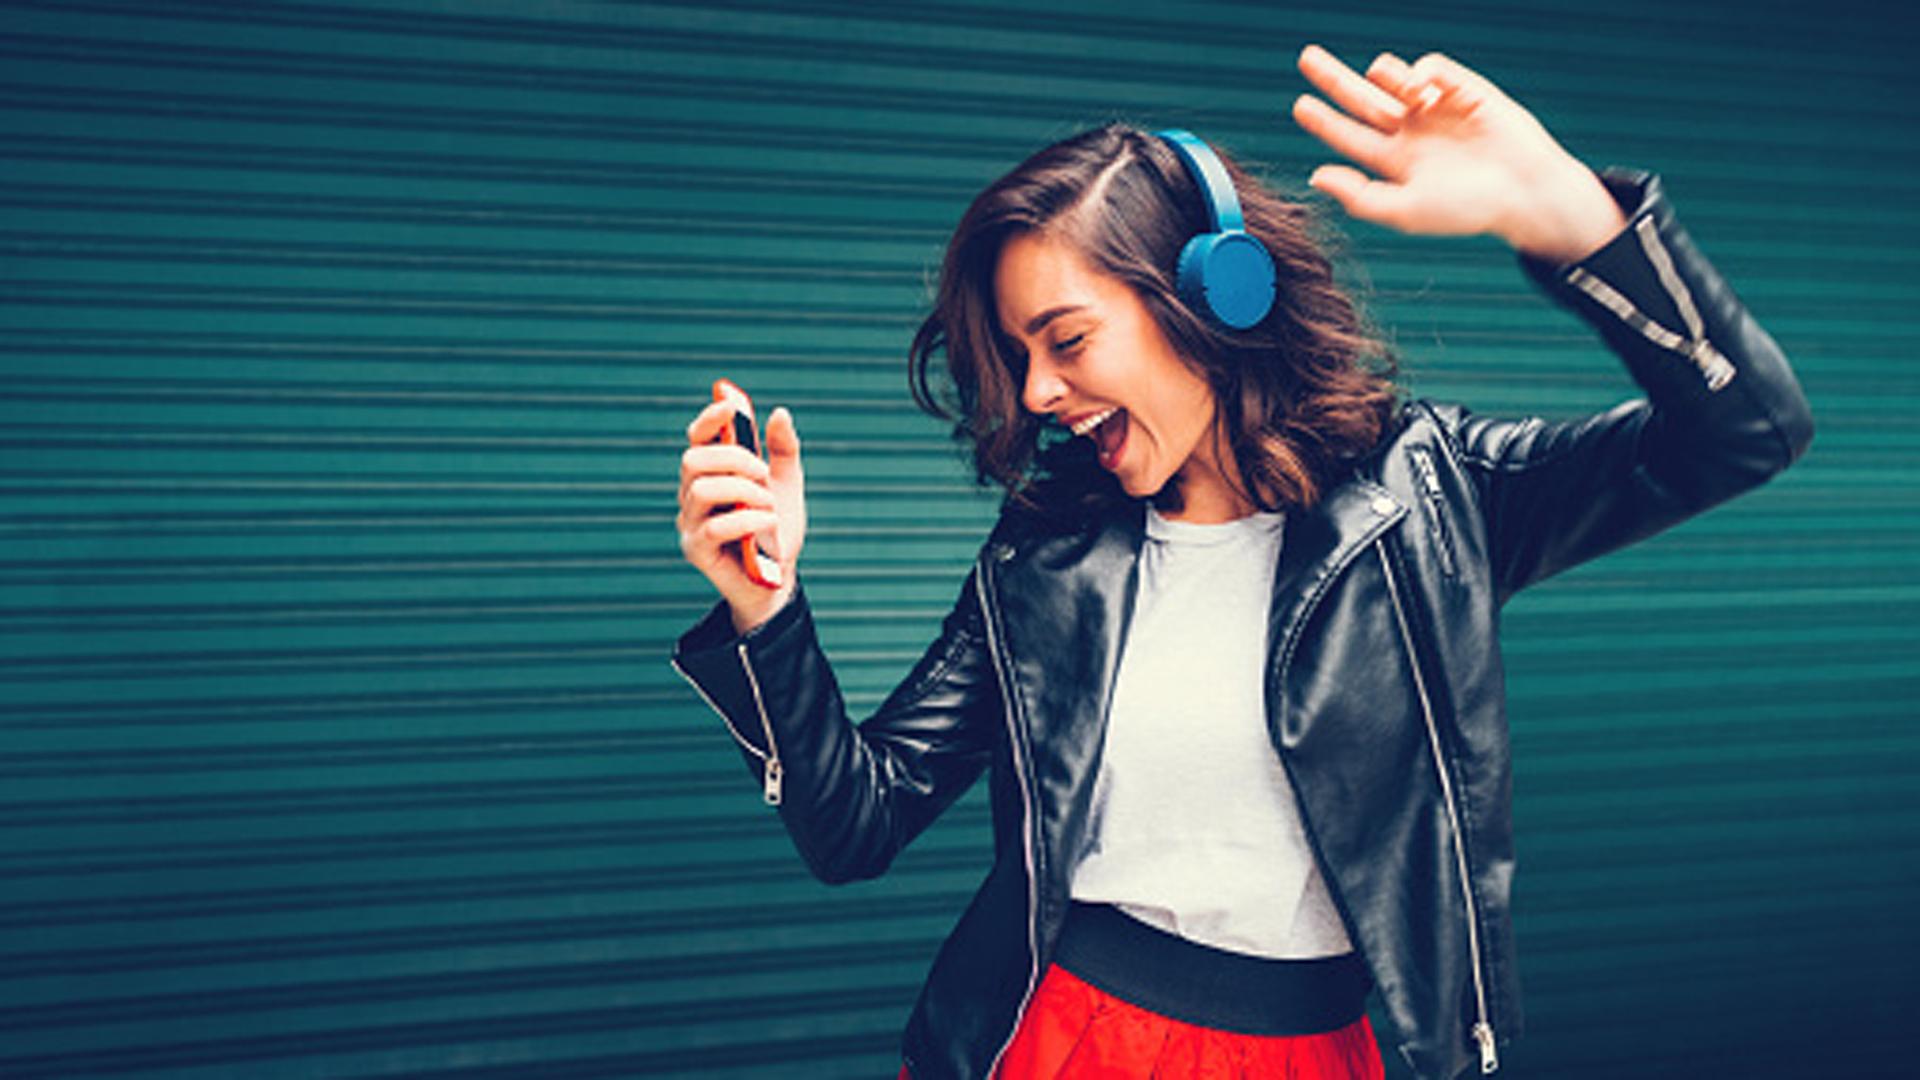 Las nuevas tecnologías de conectividad móvil están integradas a las vidas de los adolescentes.